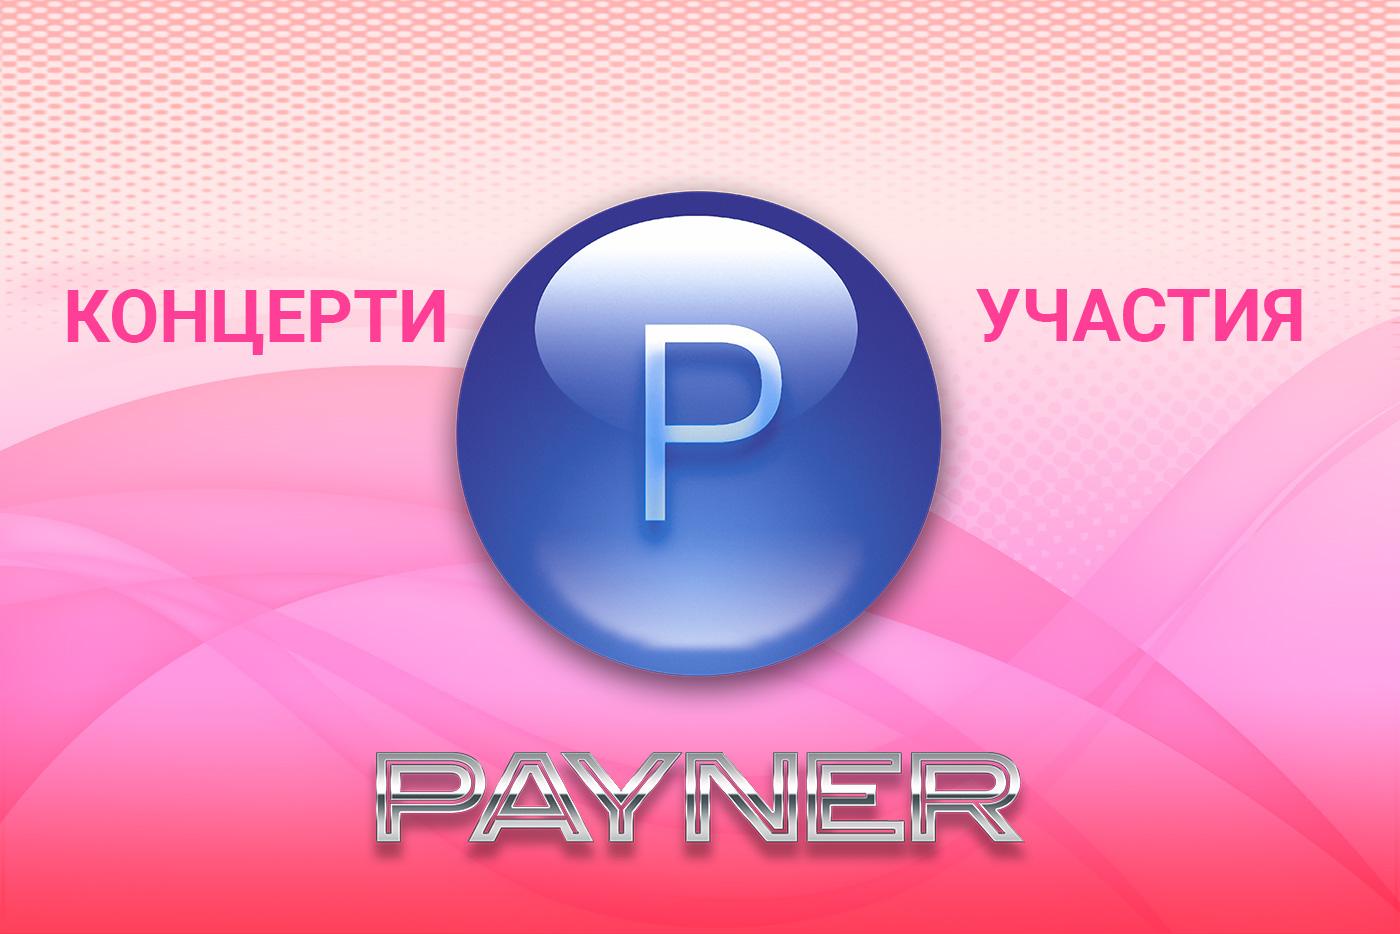 """Участия на звездите на """"Пайнер"""" на 21.07.2020"""